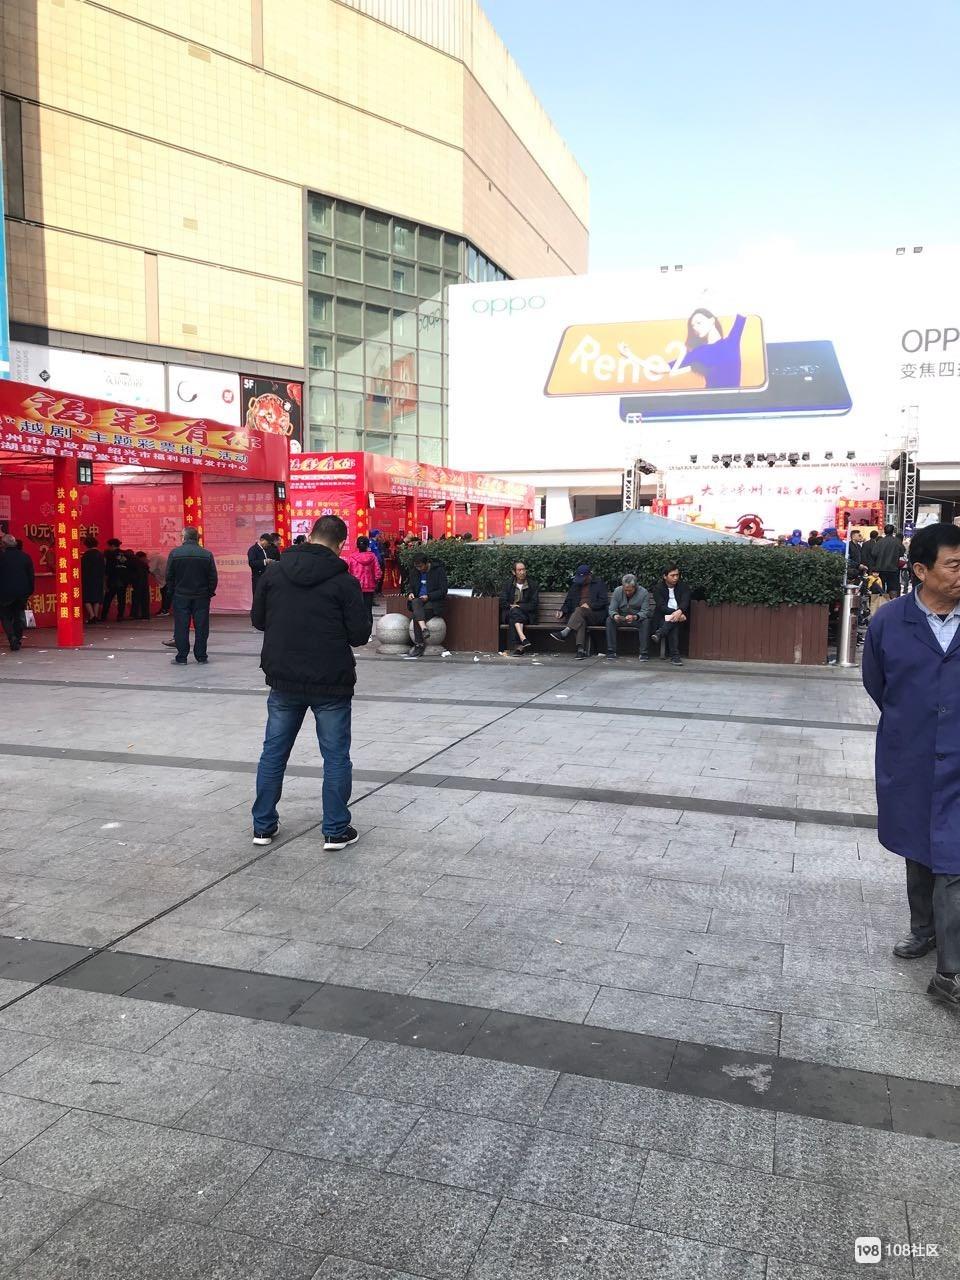 鹿山广场福彩正式开幕,摊位摆满了!黑压压一片全是人